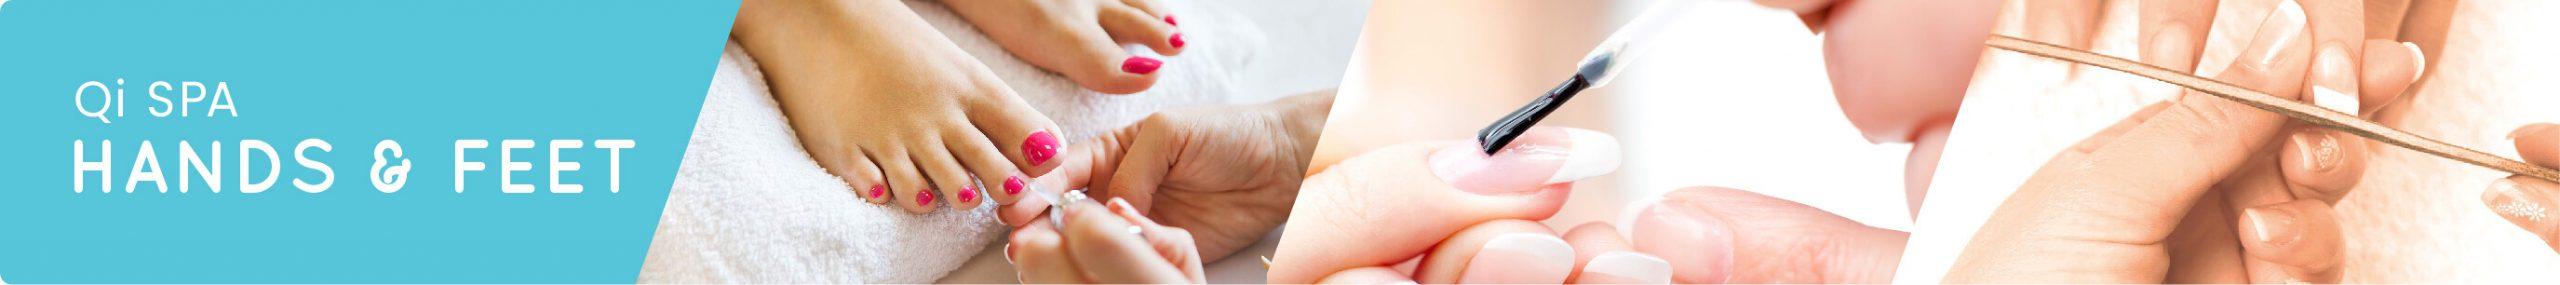 qi spa hands feet